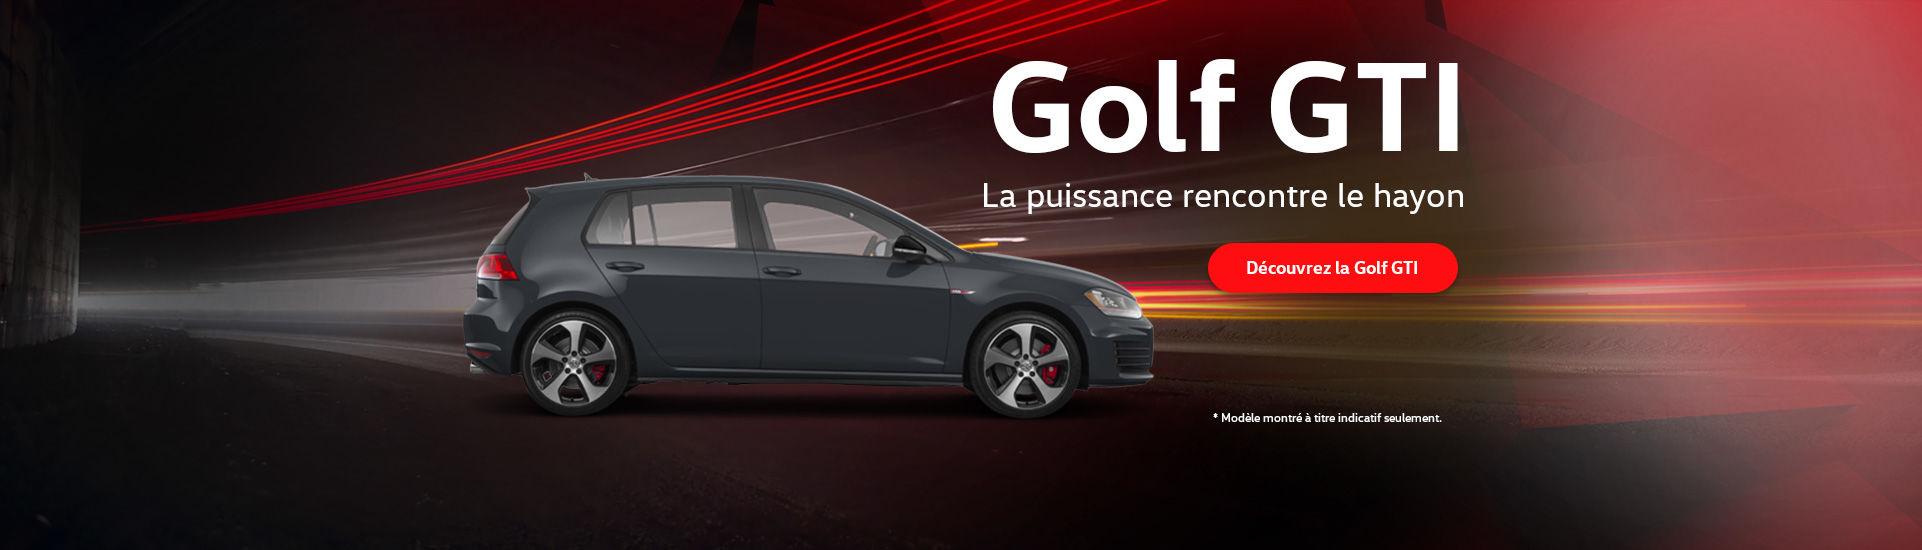 Golf GTI 2017